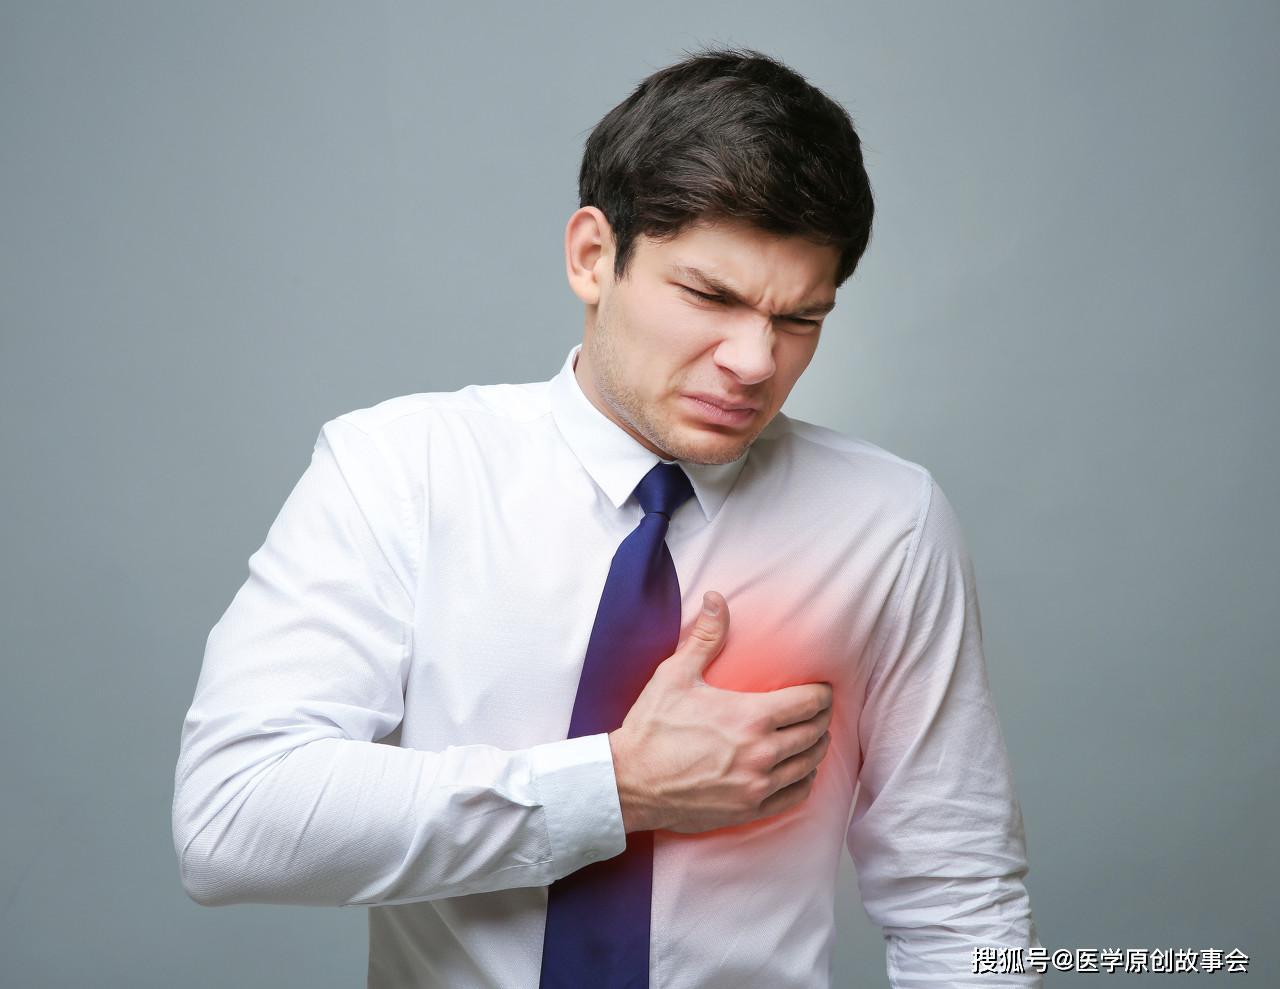 体内有癌症,胸部是先知,胸部的两个迹象都是,癌症可能已经找到了你v27